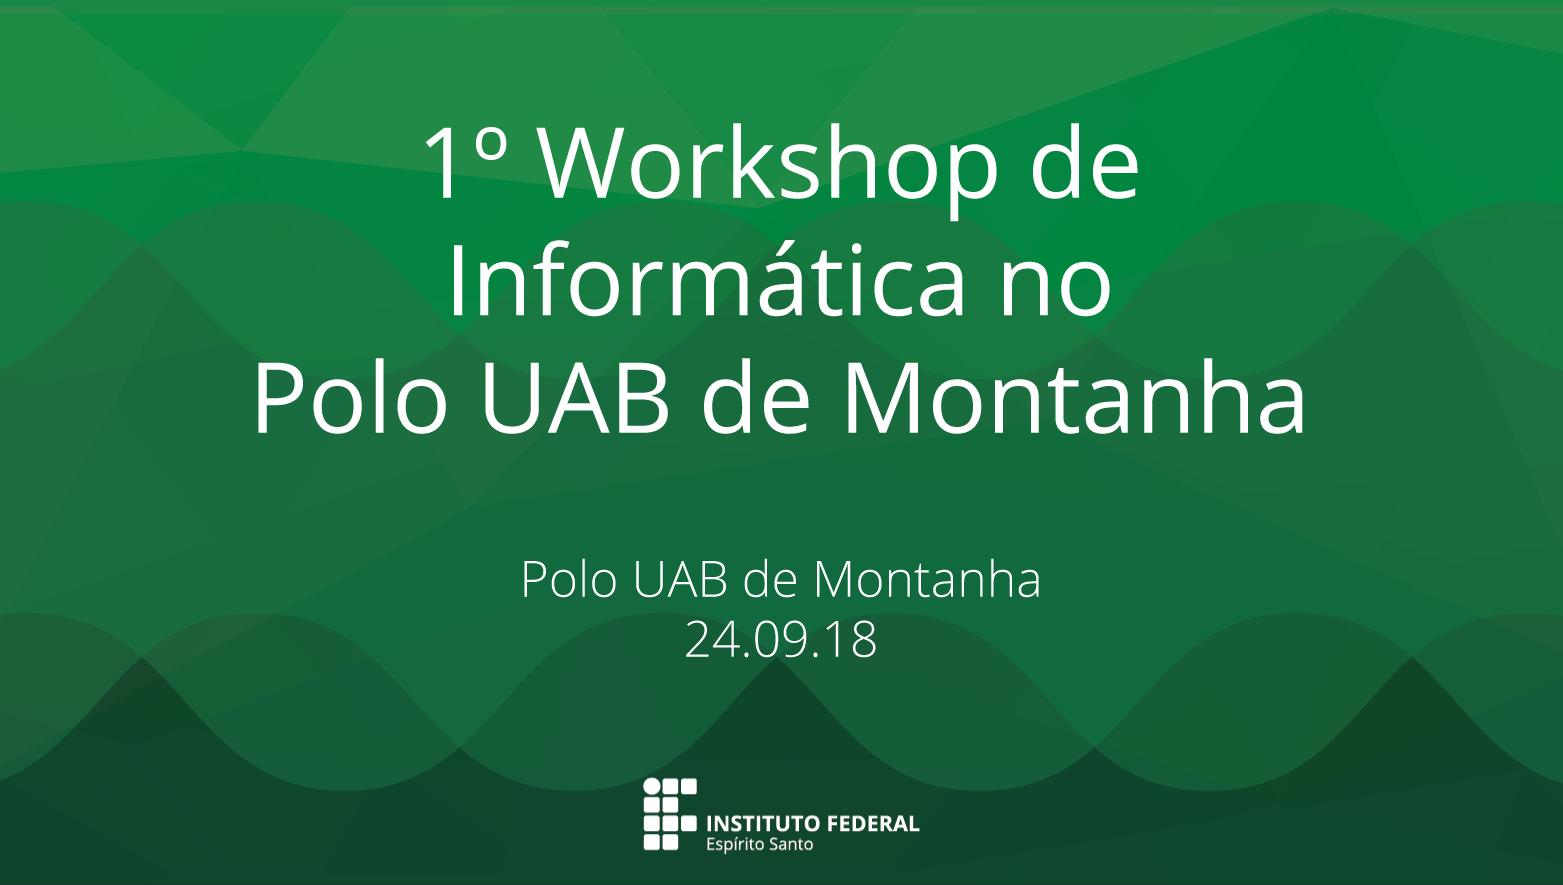 1º Whorkshop de Informática no Polo UAB de Montanha